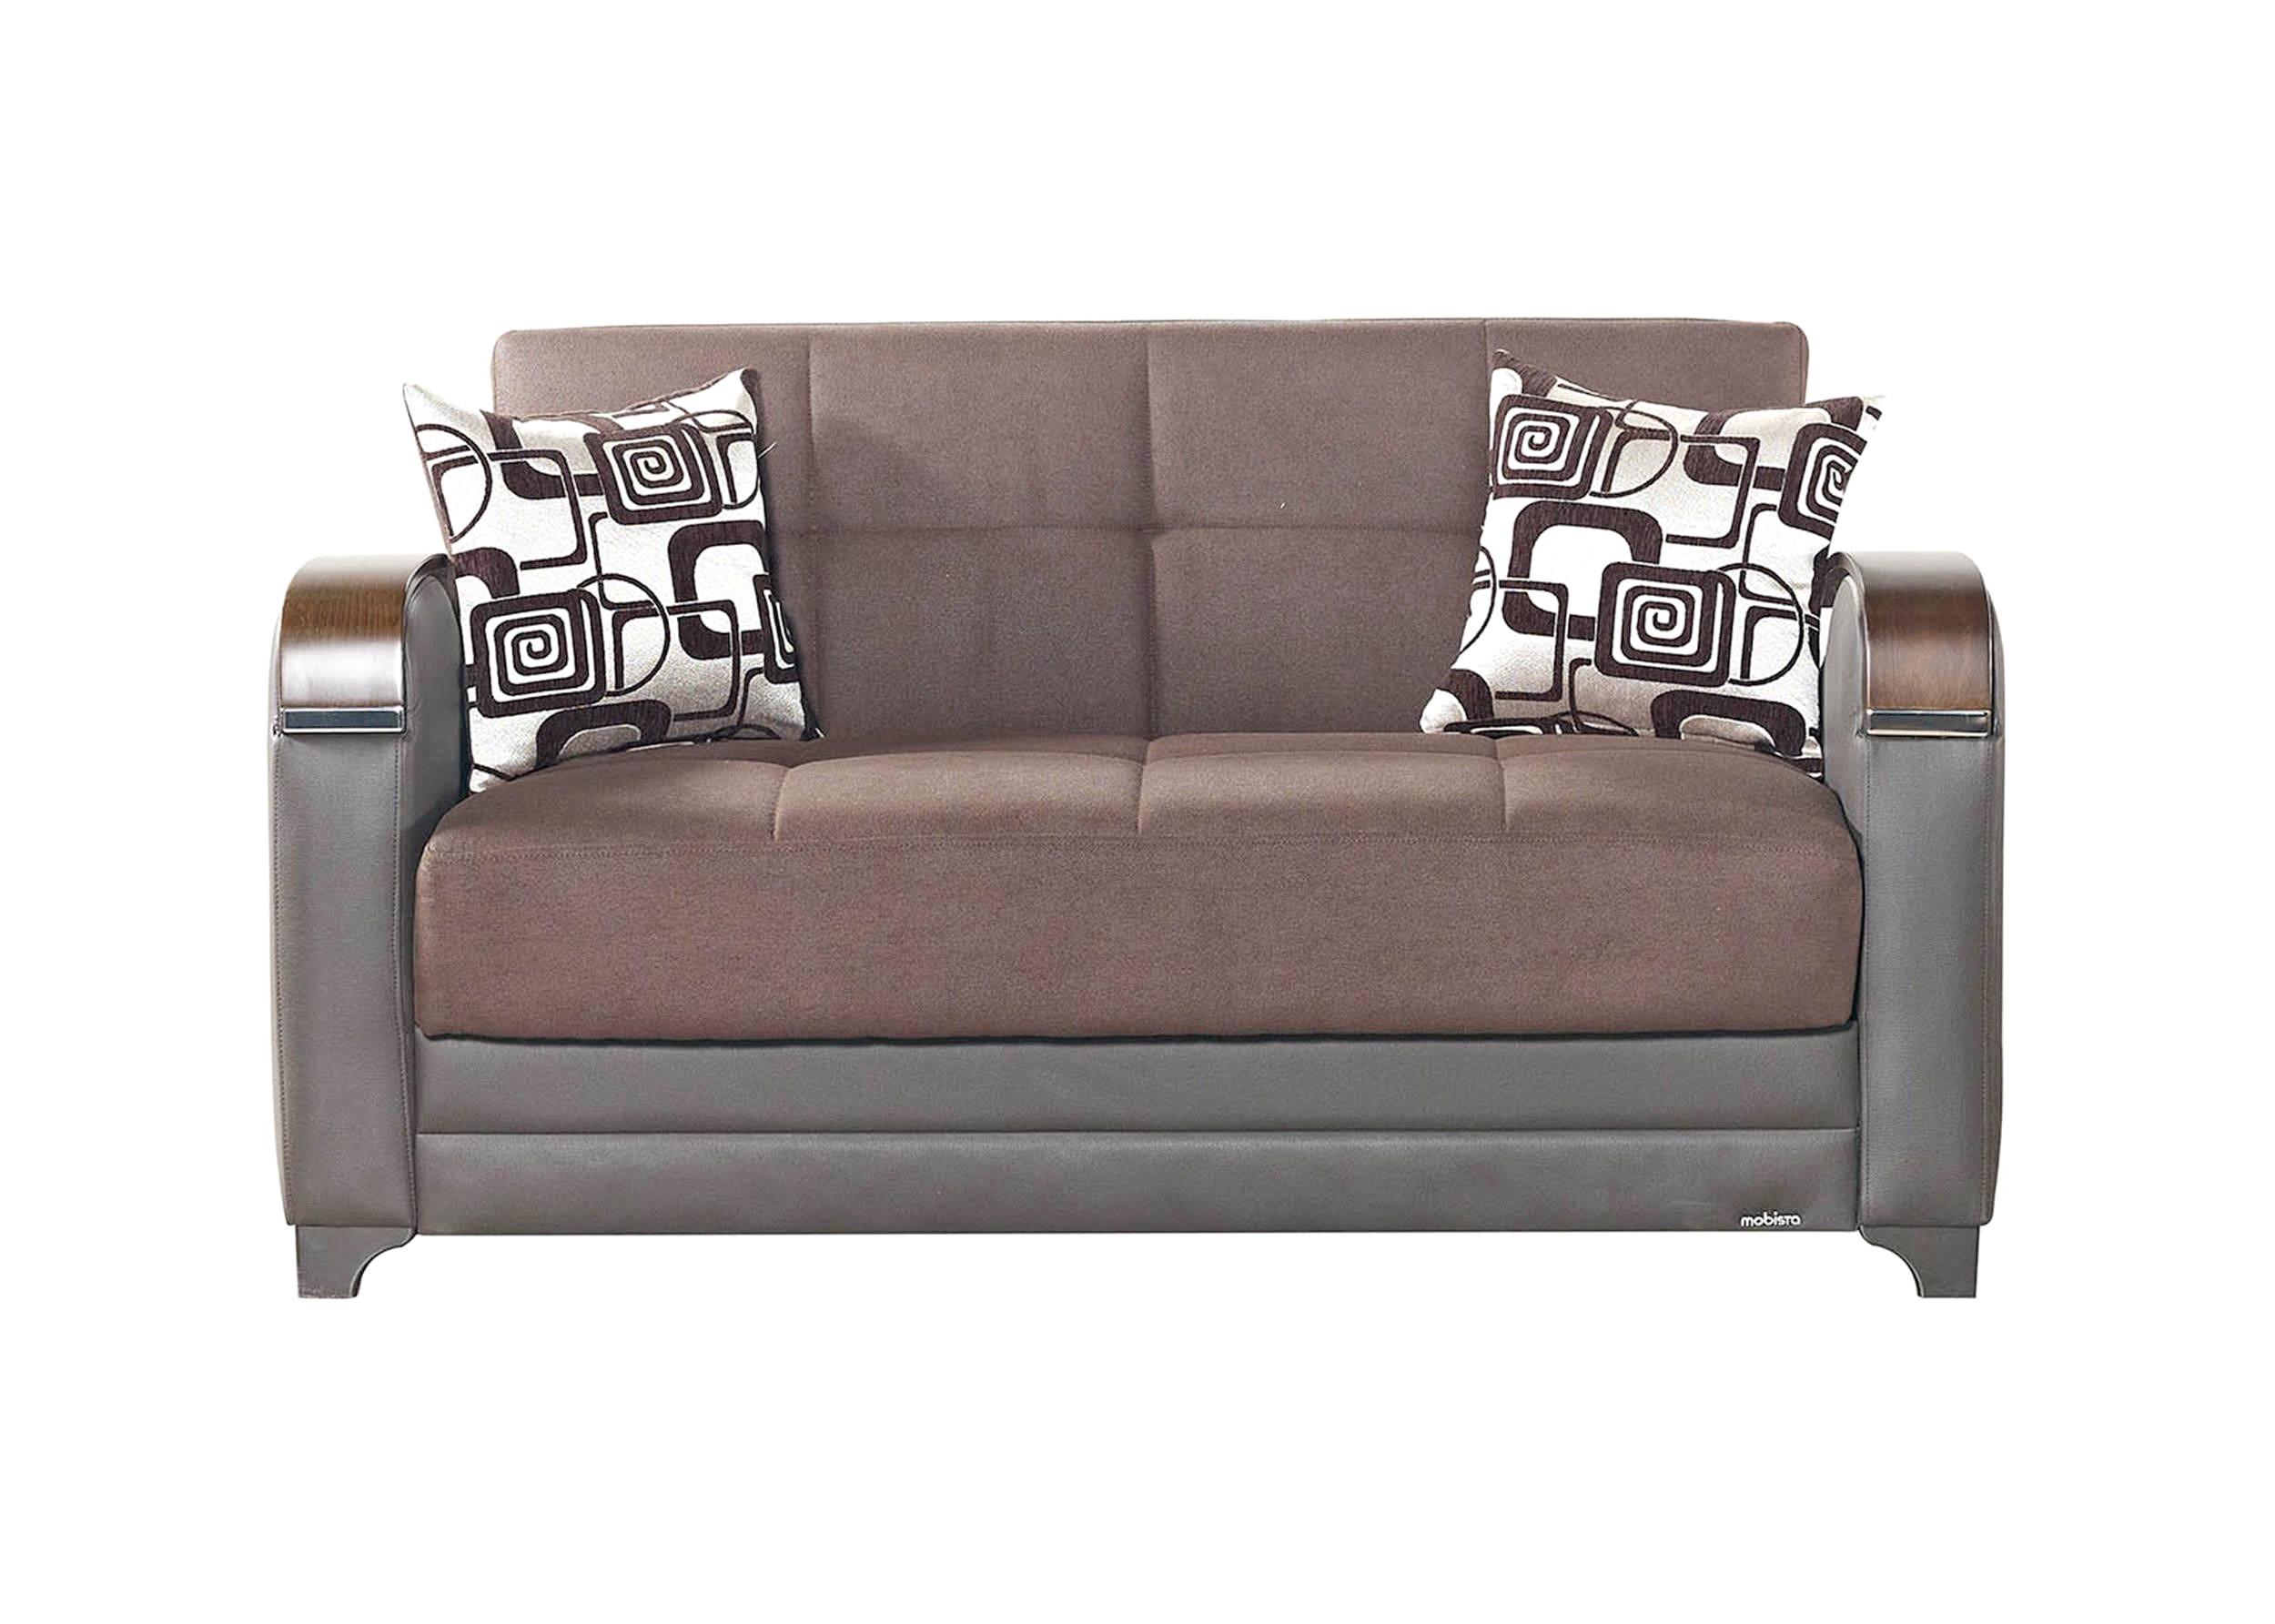 Ikea Friheten Sleeper sofa Review Ikea Schlafsofa Friheten Luxus Ikea Couch Neu Used Ikea Friheten